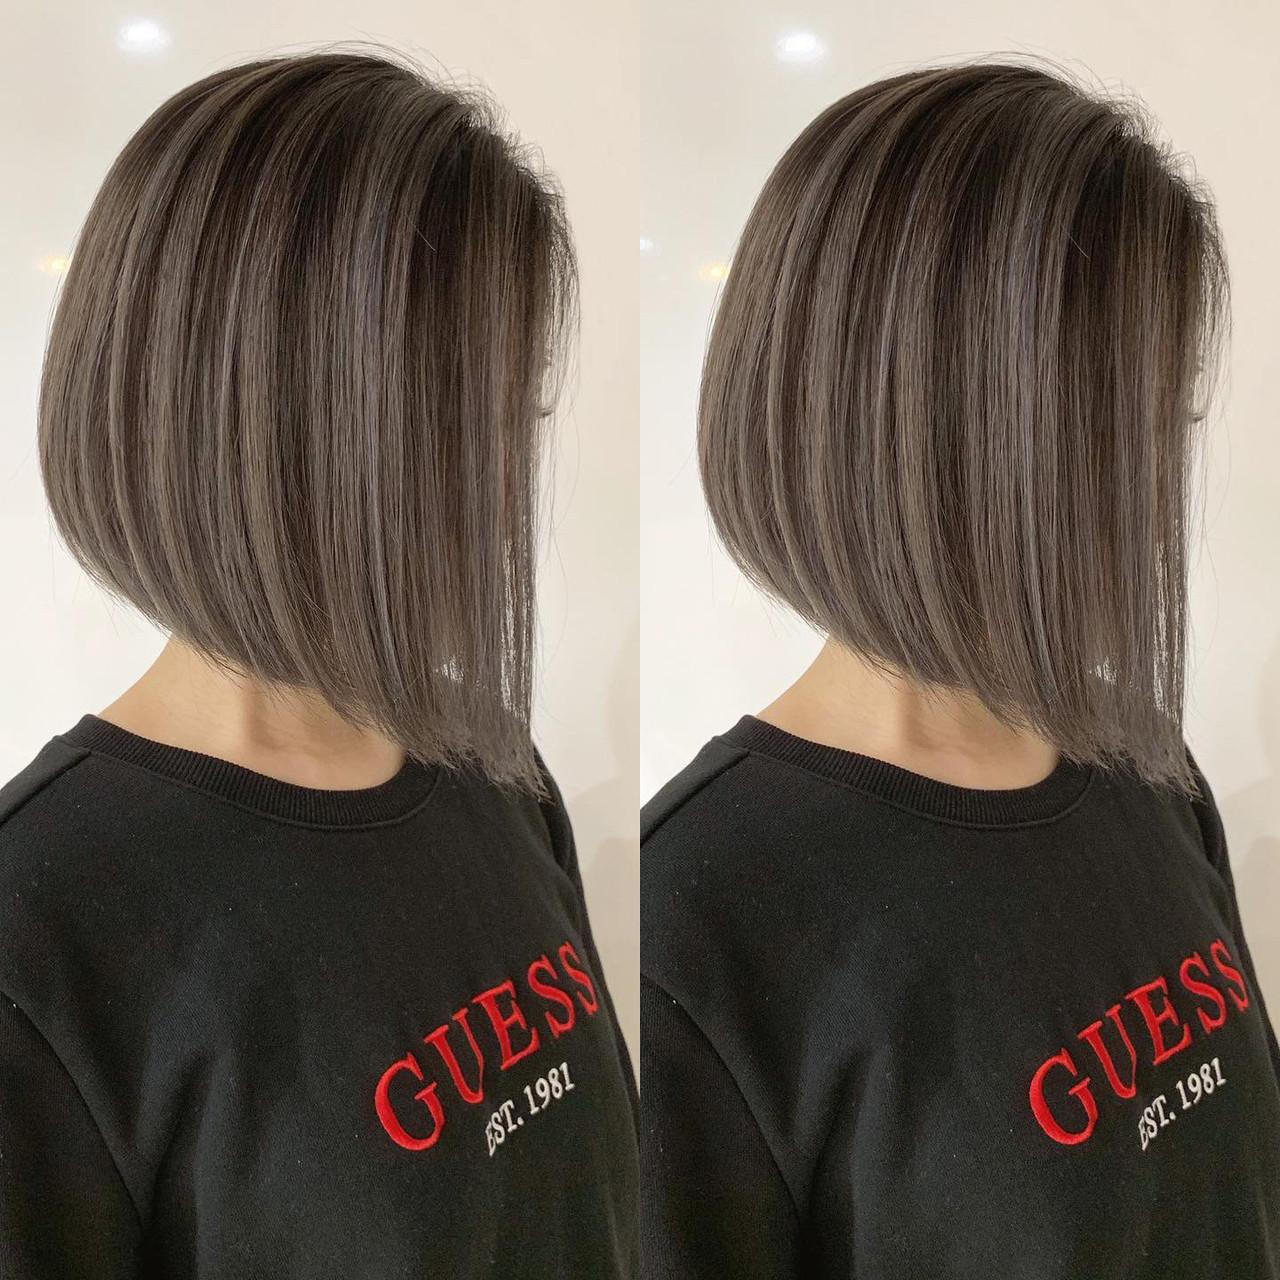 ベリーショート バレイヤージュ ショートボブ インナーカラー ヘアスタイルや髪型の写真・画像